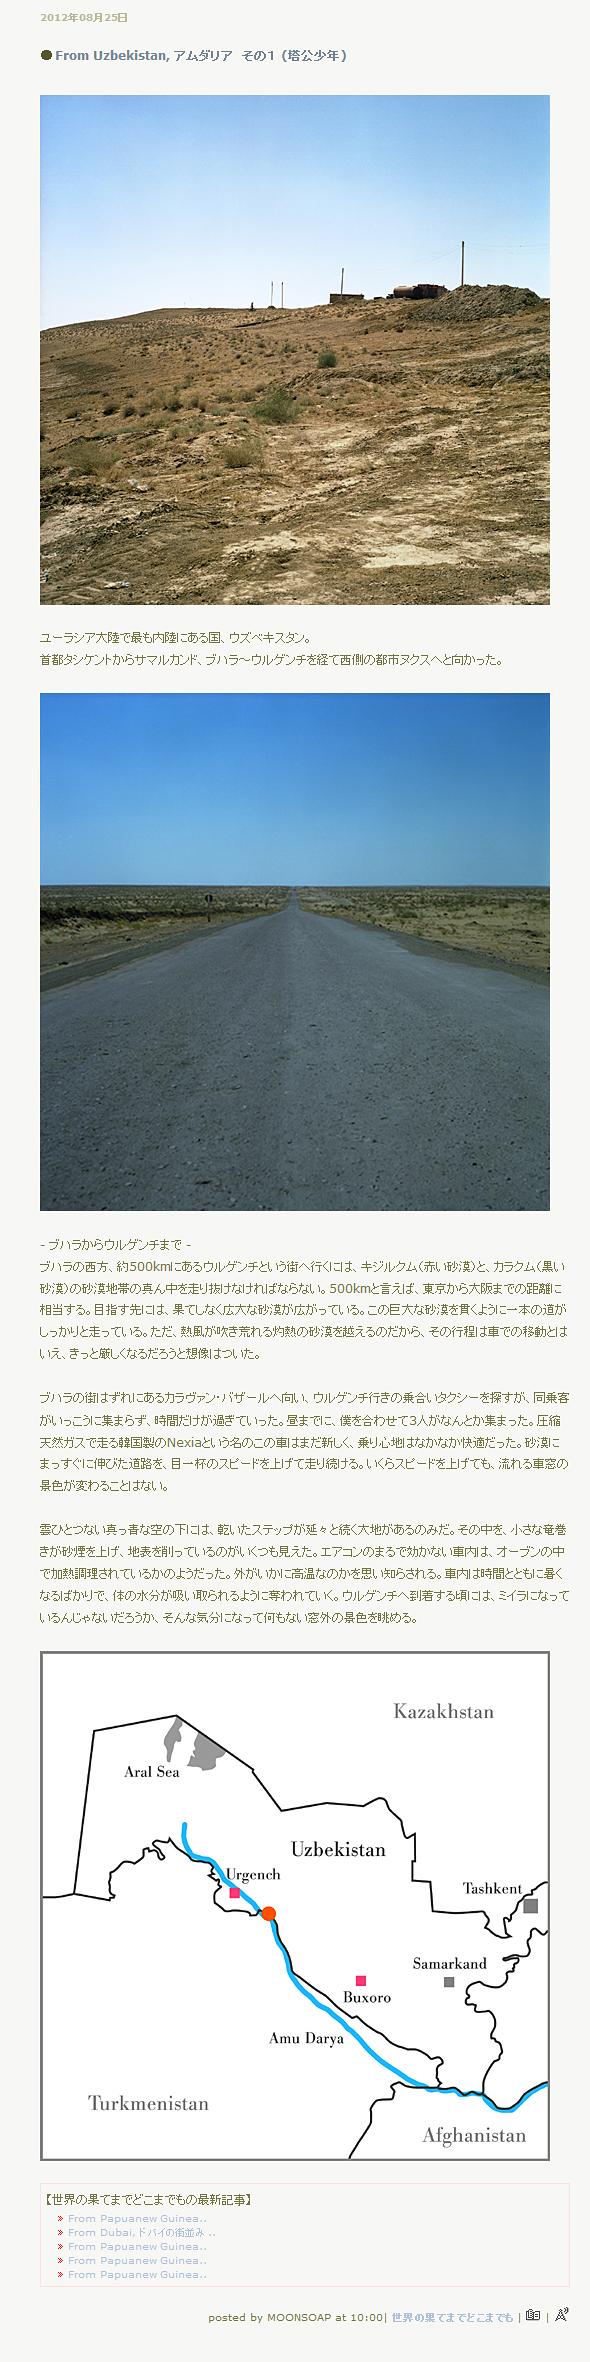 sekainohate-amudarya-0825-2012.jpg